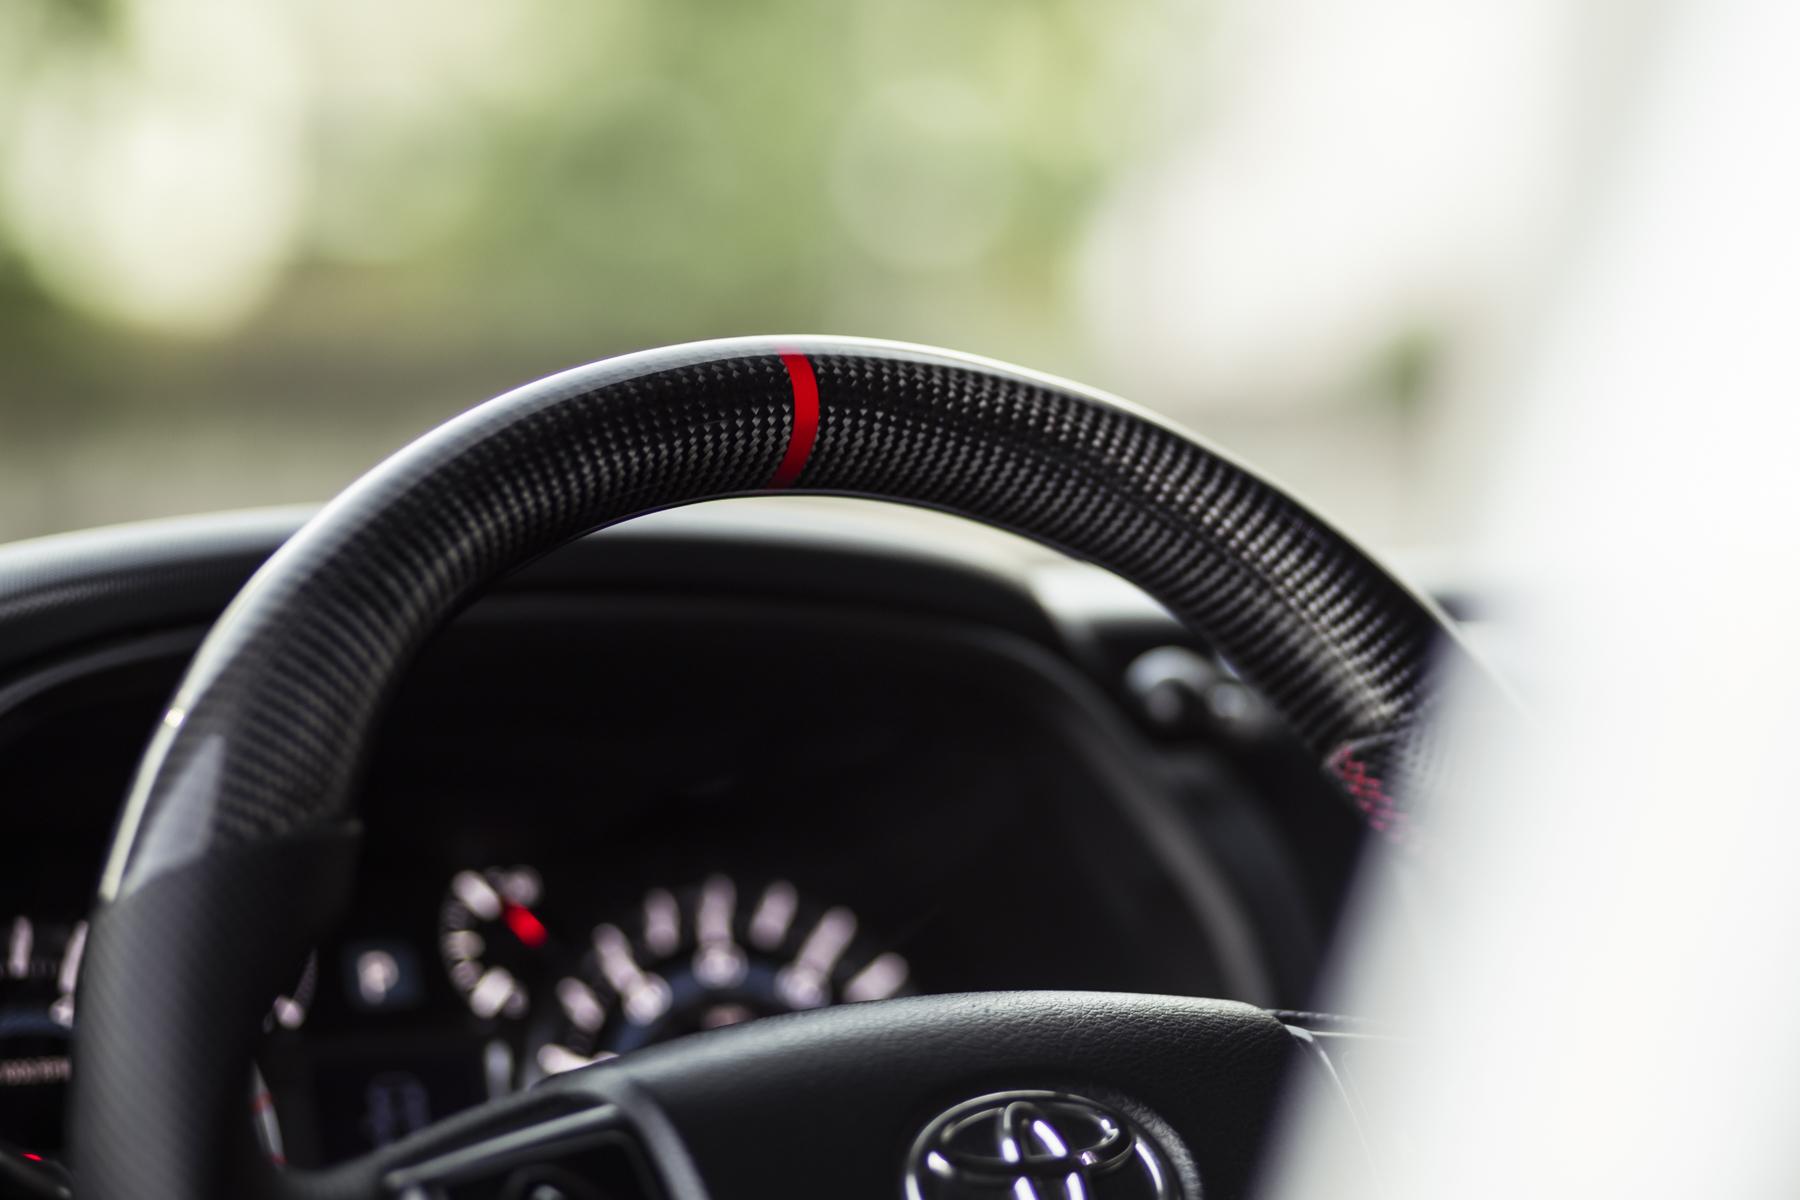 Carbon Fiber Steering Wheel on Toyota 4Runner